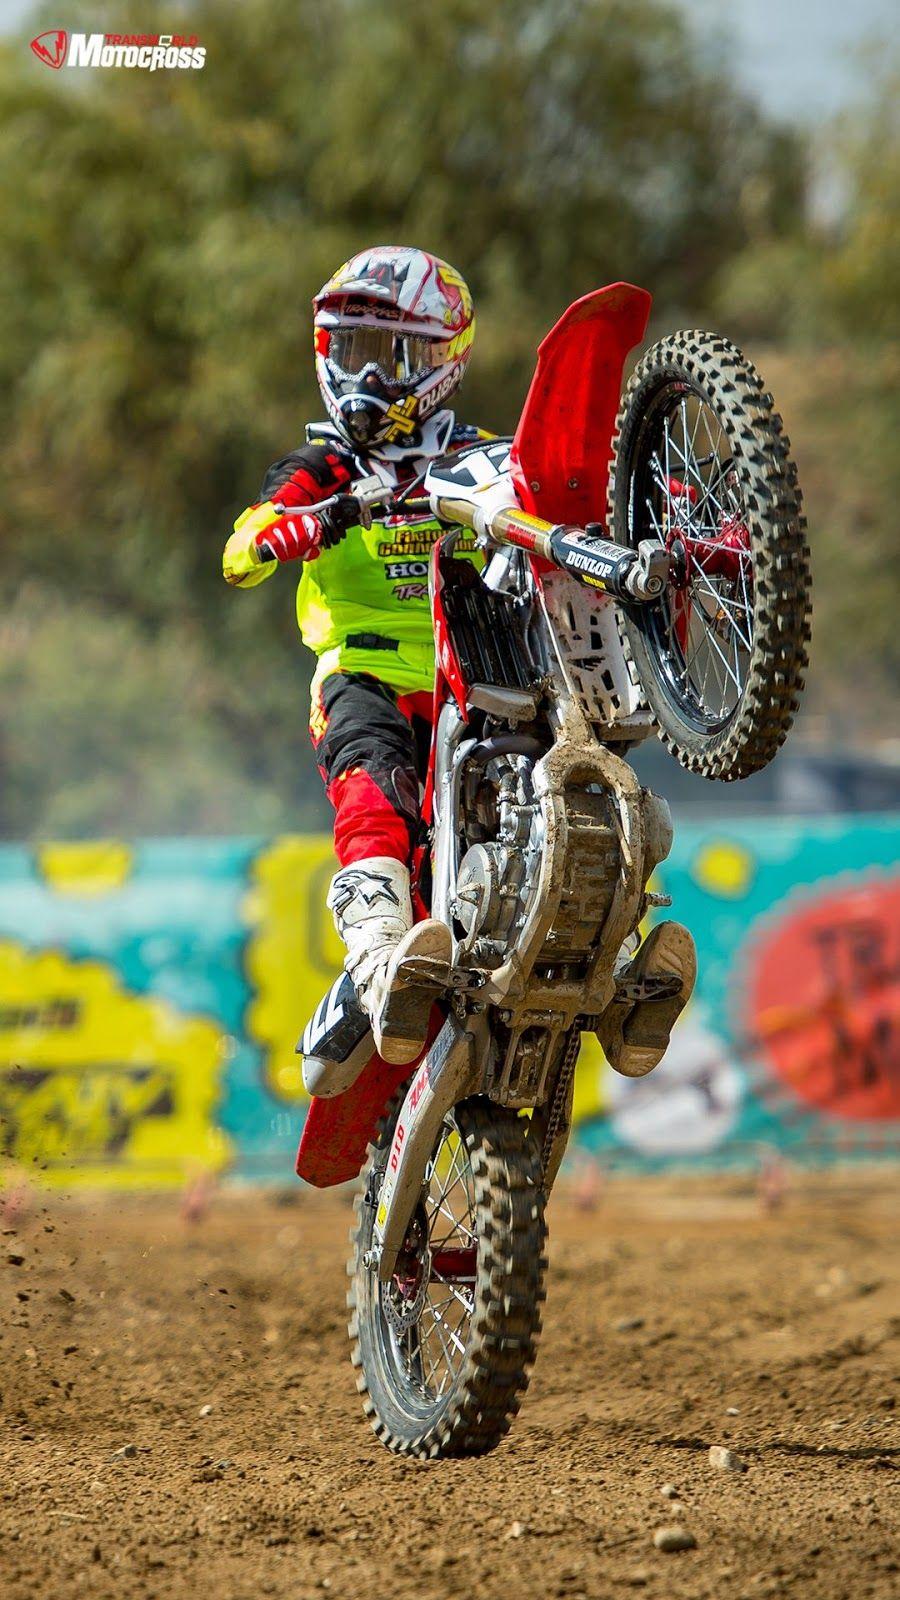 Ultra Hd Motocross Wallpaper Hd Motocross Cross Wallpaper Animal Wallpaper